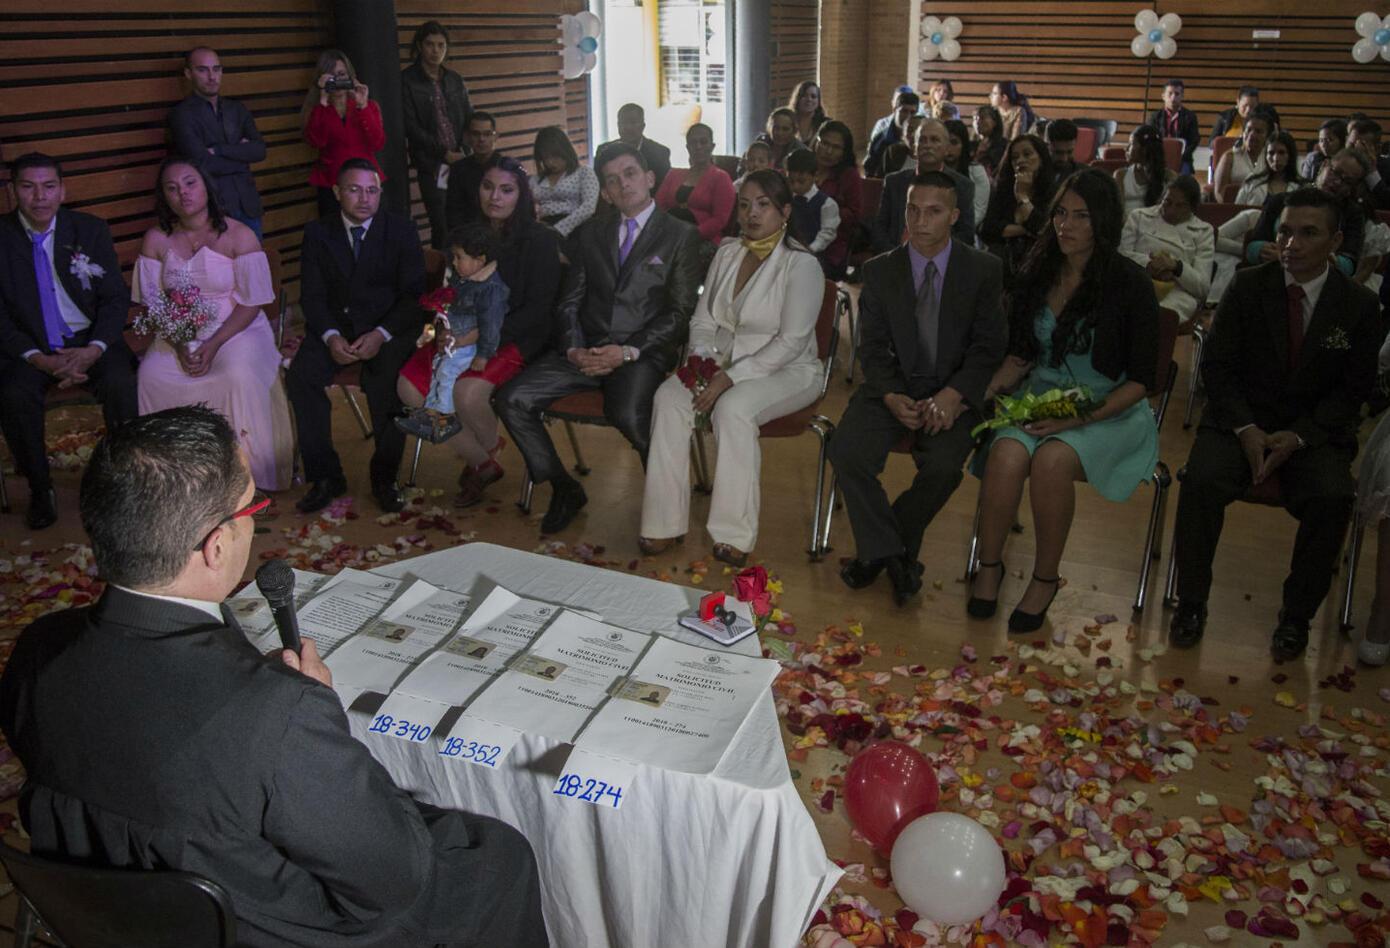 La organizadora del evento y promotora de la agencia en Bogotá, Diana Serna, explicó que lo más difícil para un excombatiente es hacerse aceptar por la gente que no vivió el conflicto.